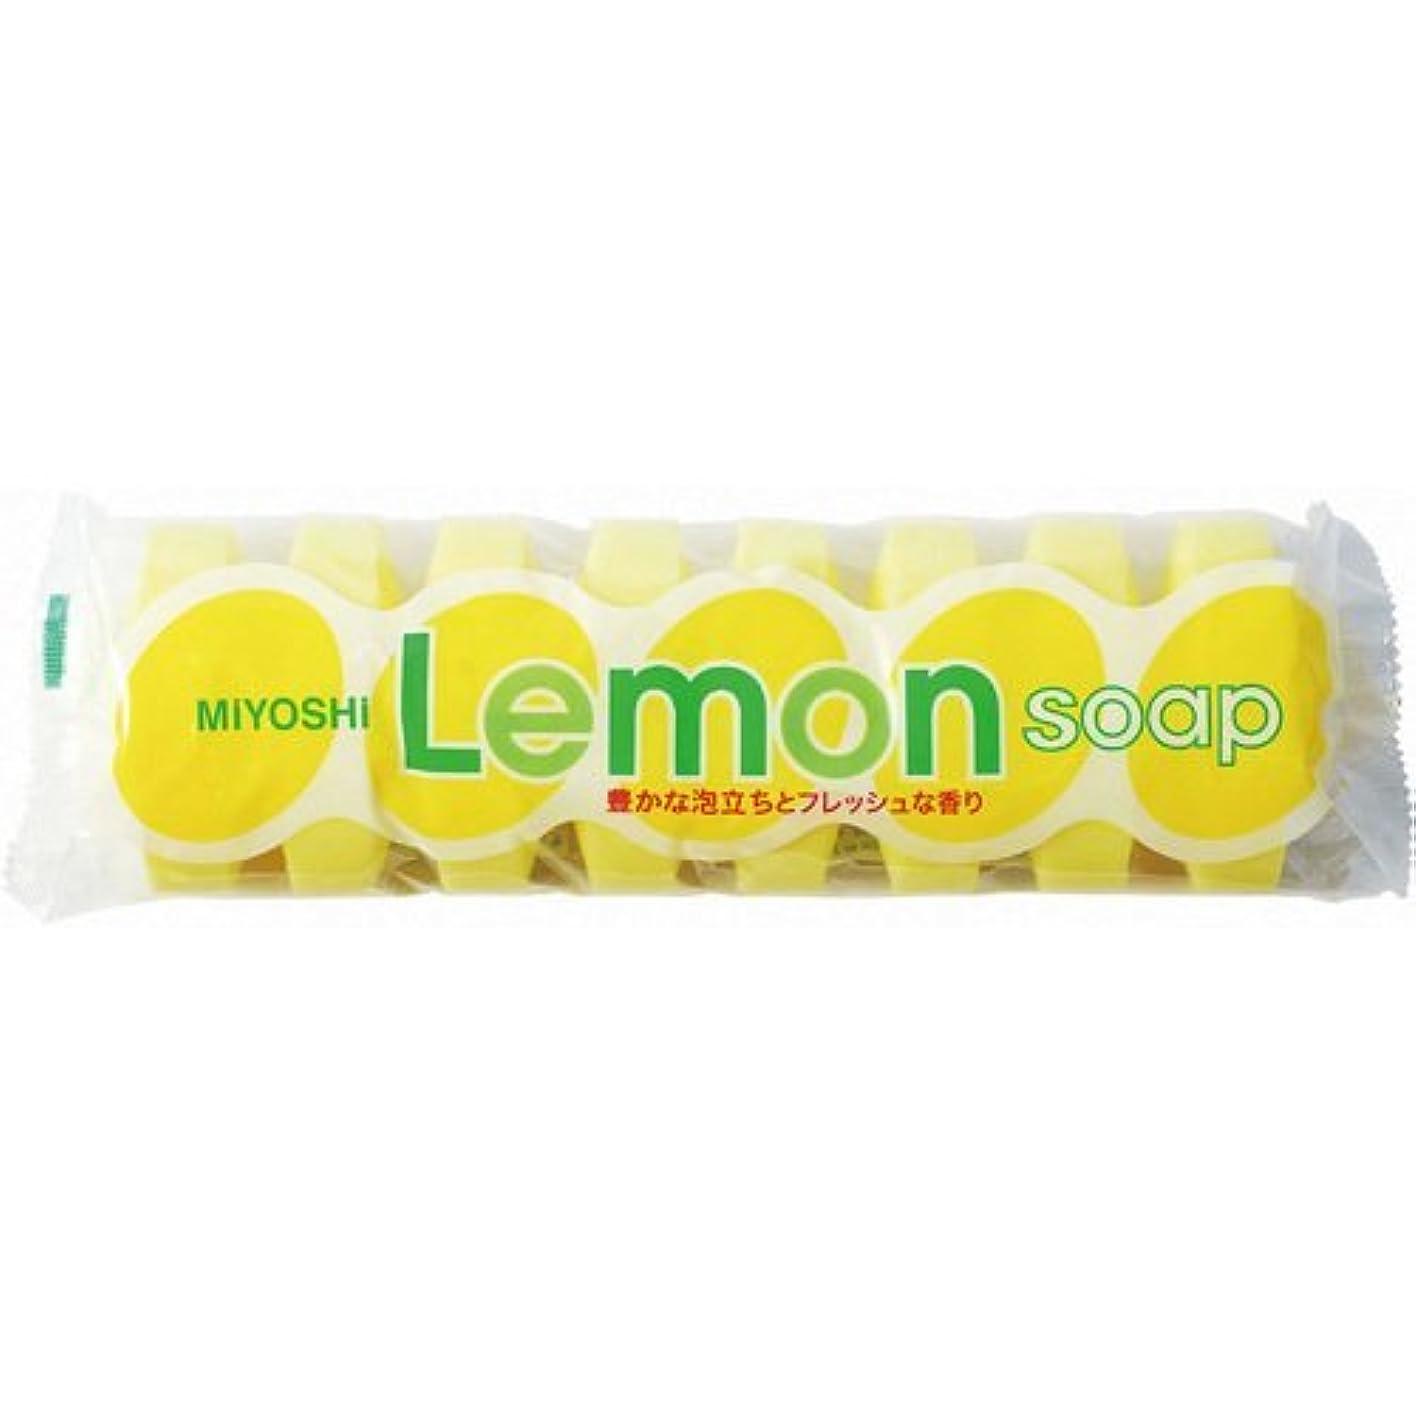 溶かすイライラする信頼ミヨシ レモンソープ 45g×8個入